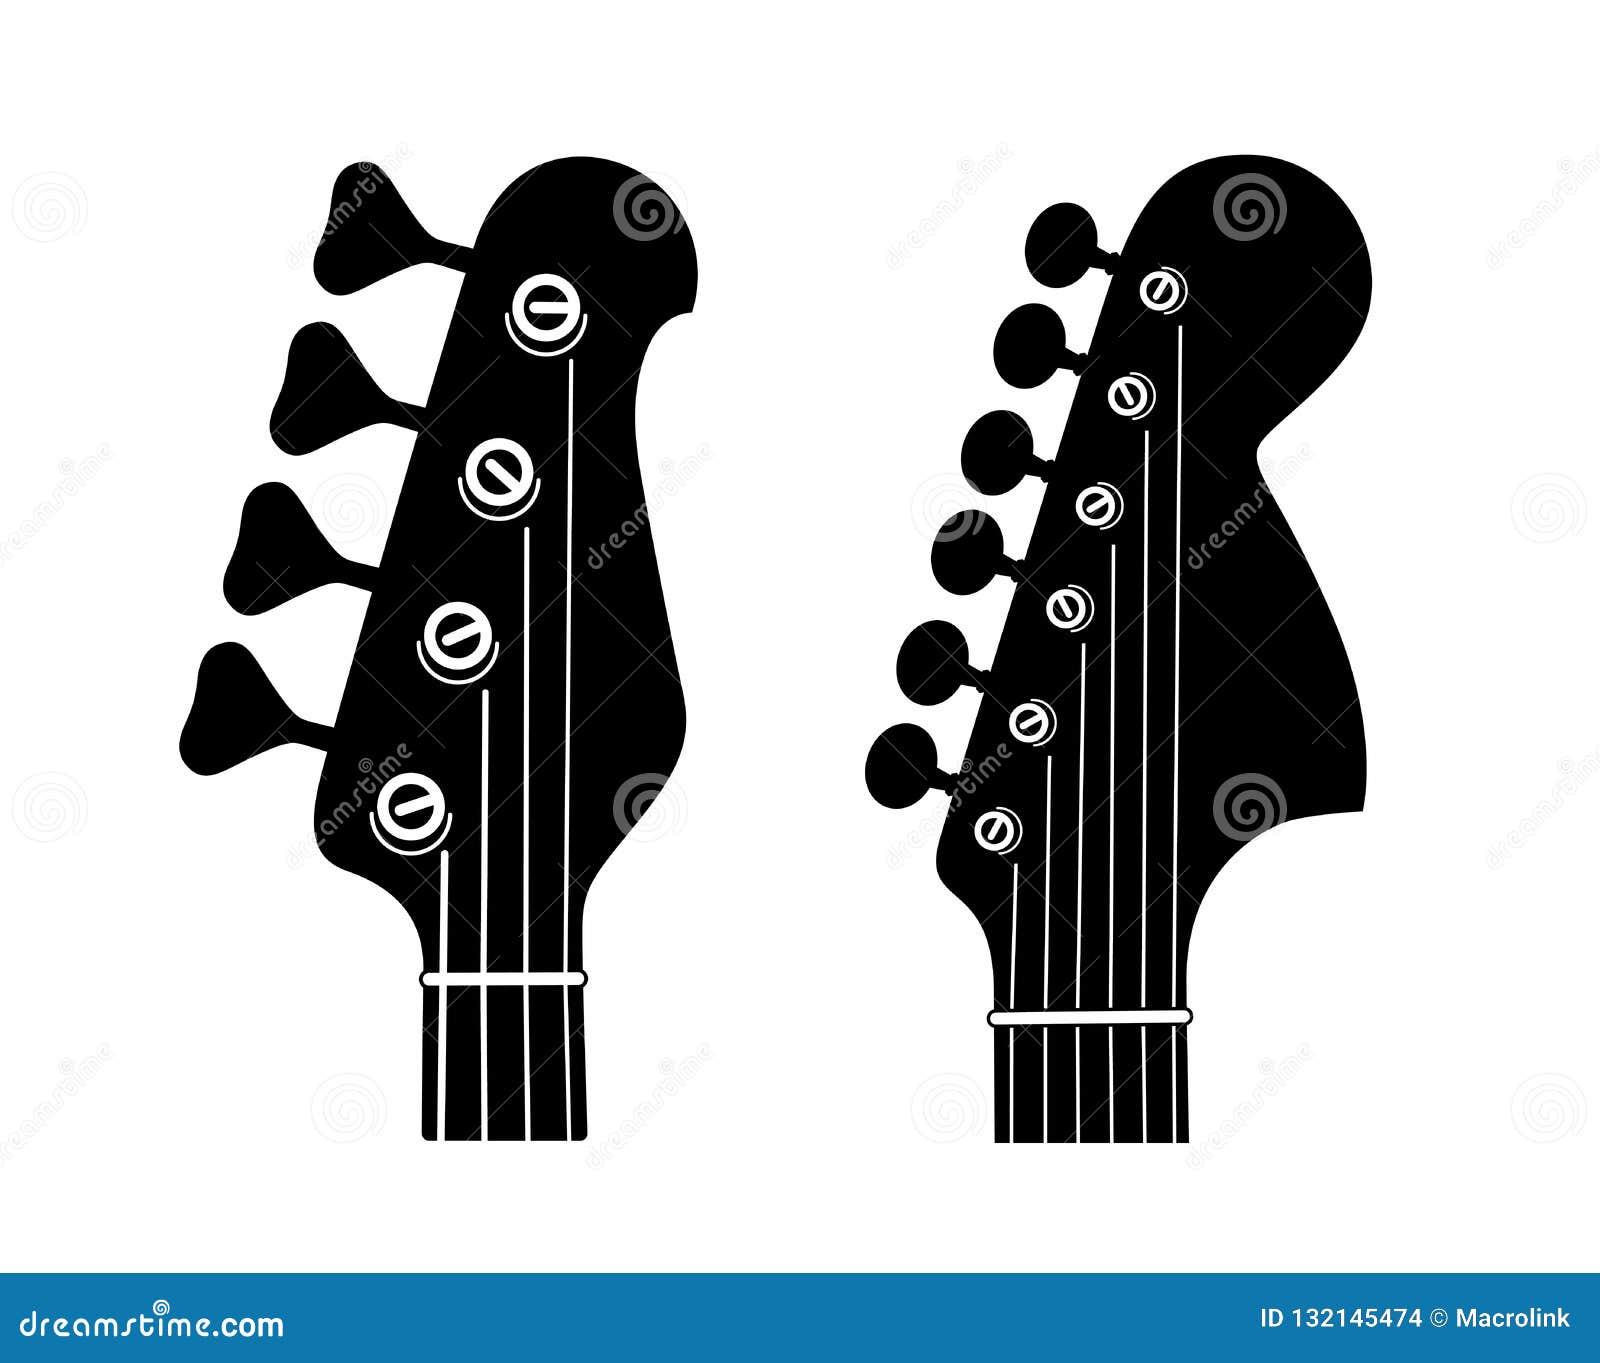 Elkraft och Bass Guitar Headstock Silhouettes som isoleras på vit bakgrund